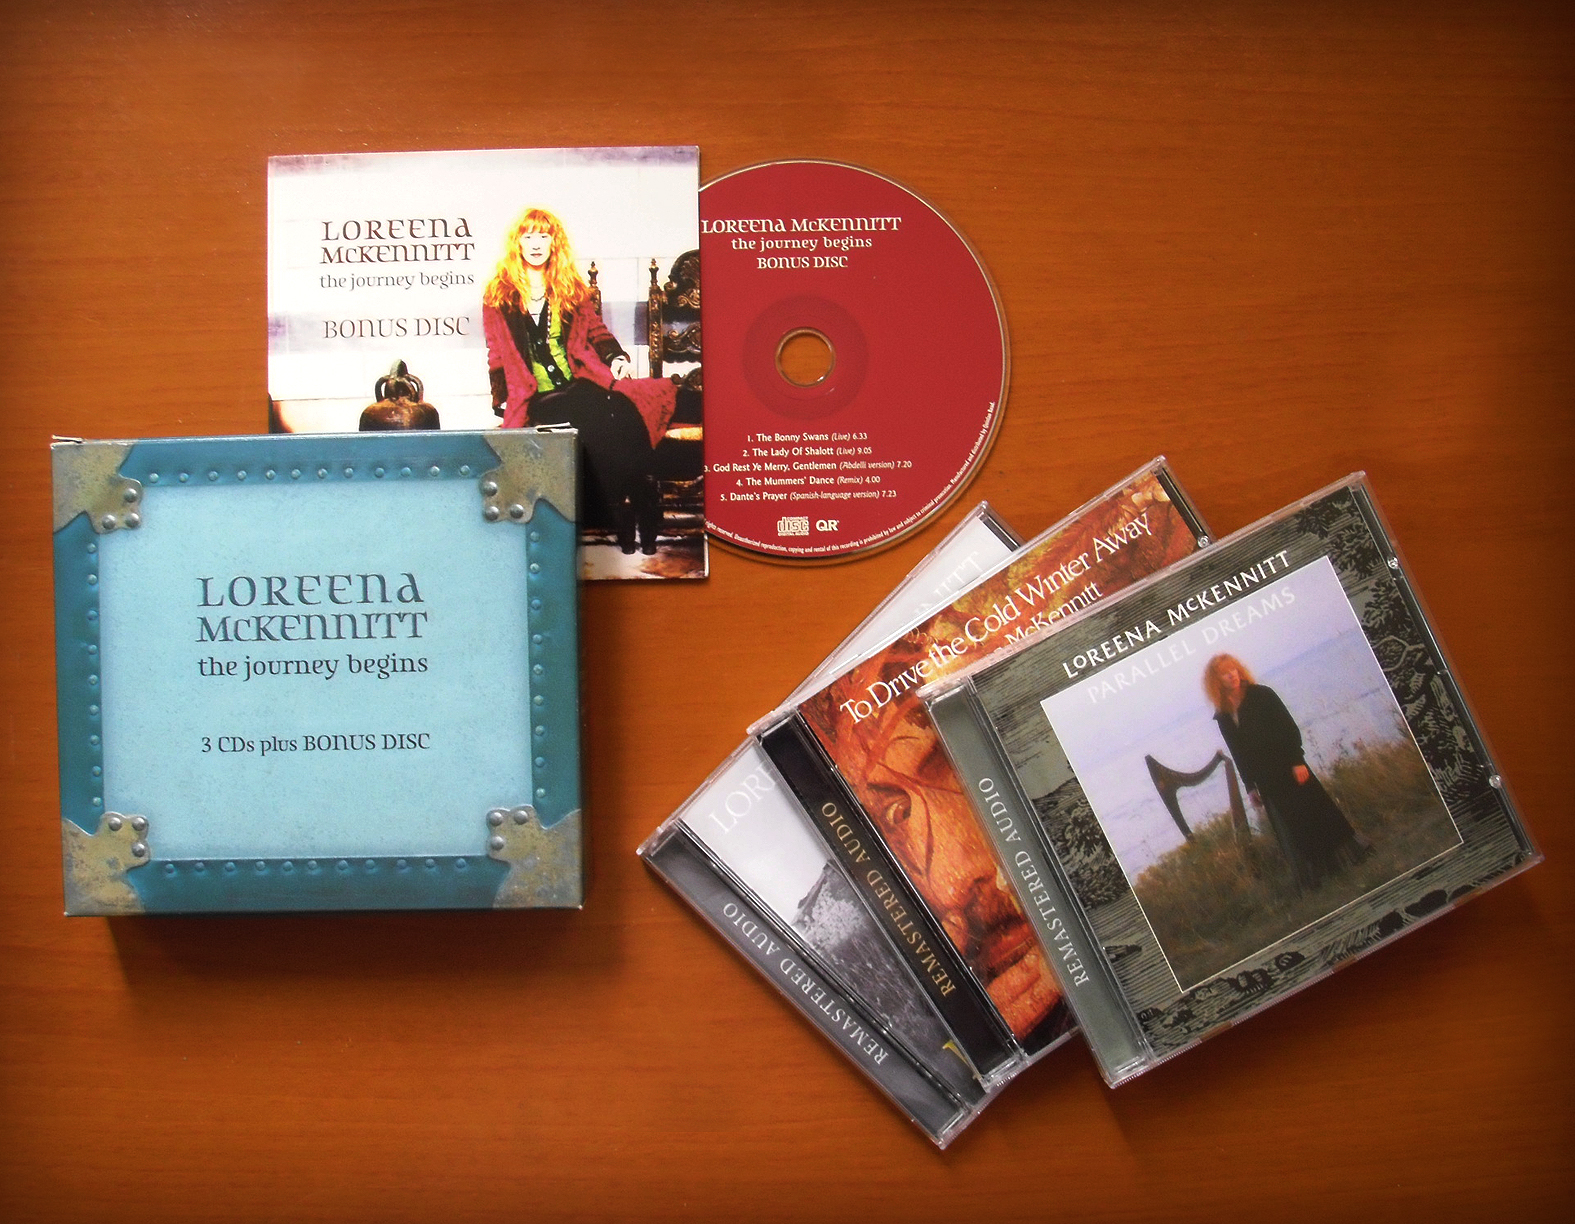 loreena mckennitt collection 2005 the journey begins b u0026n